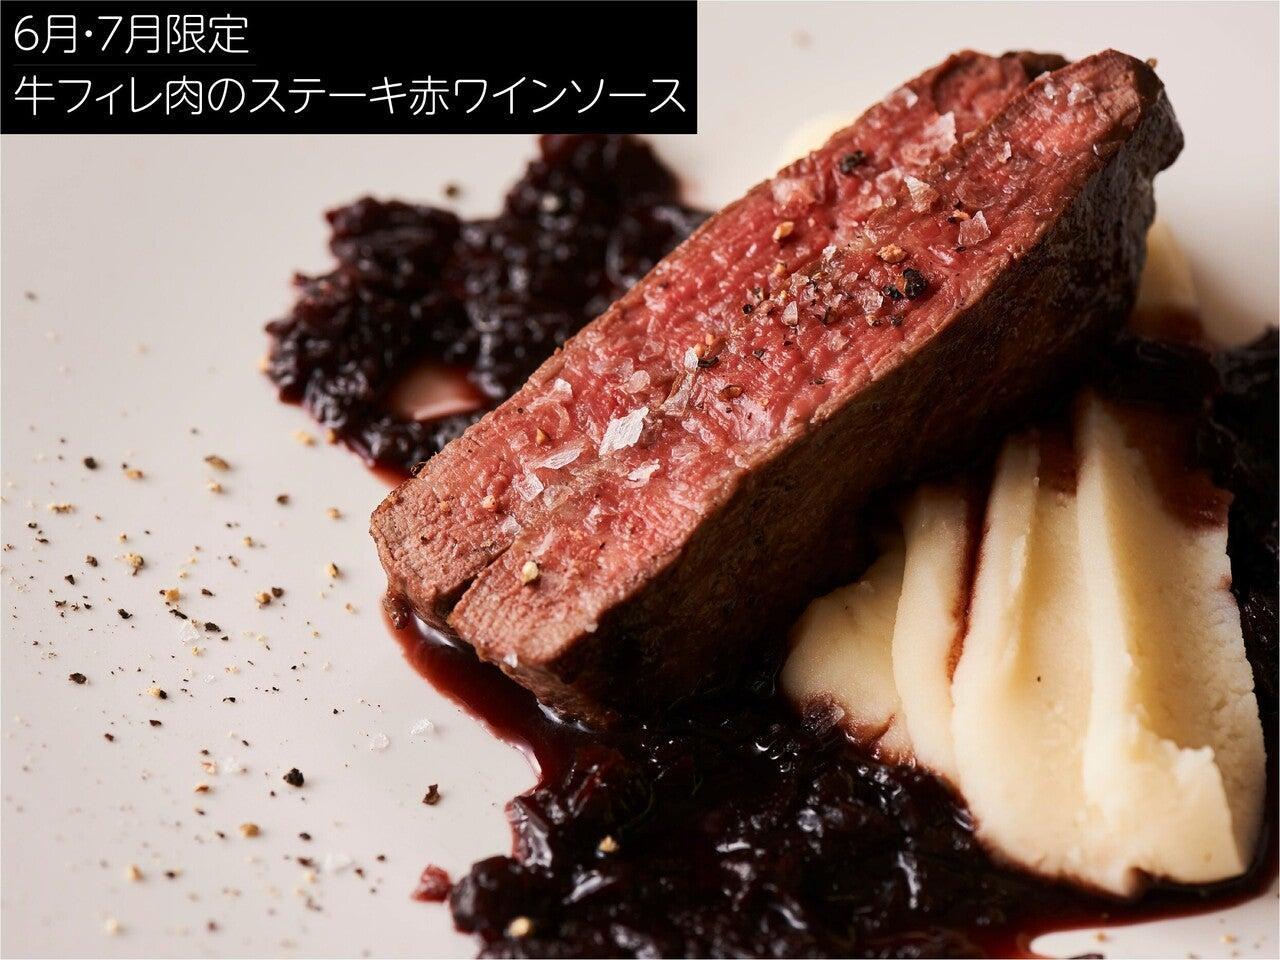 牛フィレ肉のステーキ赤ワインソース